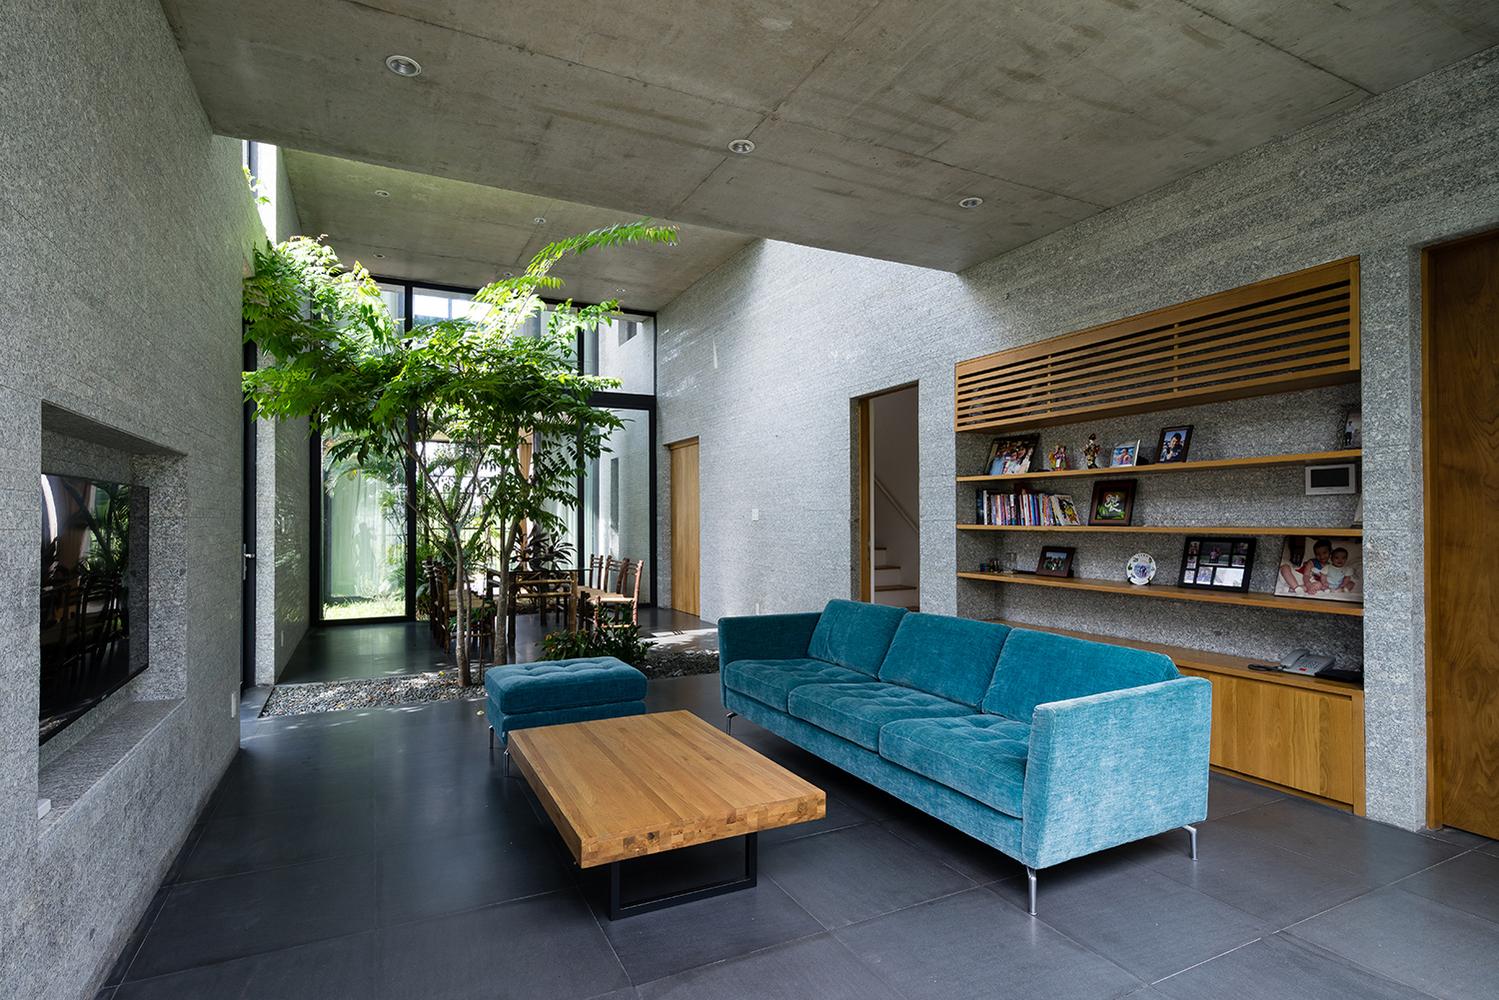 Hình ảnh phòng khách nhà Sài Gòn với bộ sofa màu xanh da trời, bàn trà gỗ, kệ tivi âm tường, kệ mở phía sau ghế sofa